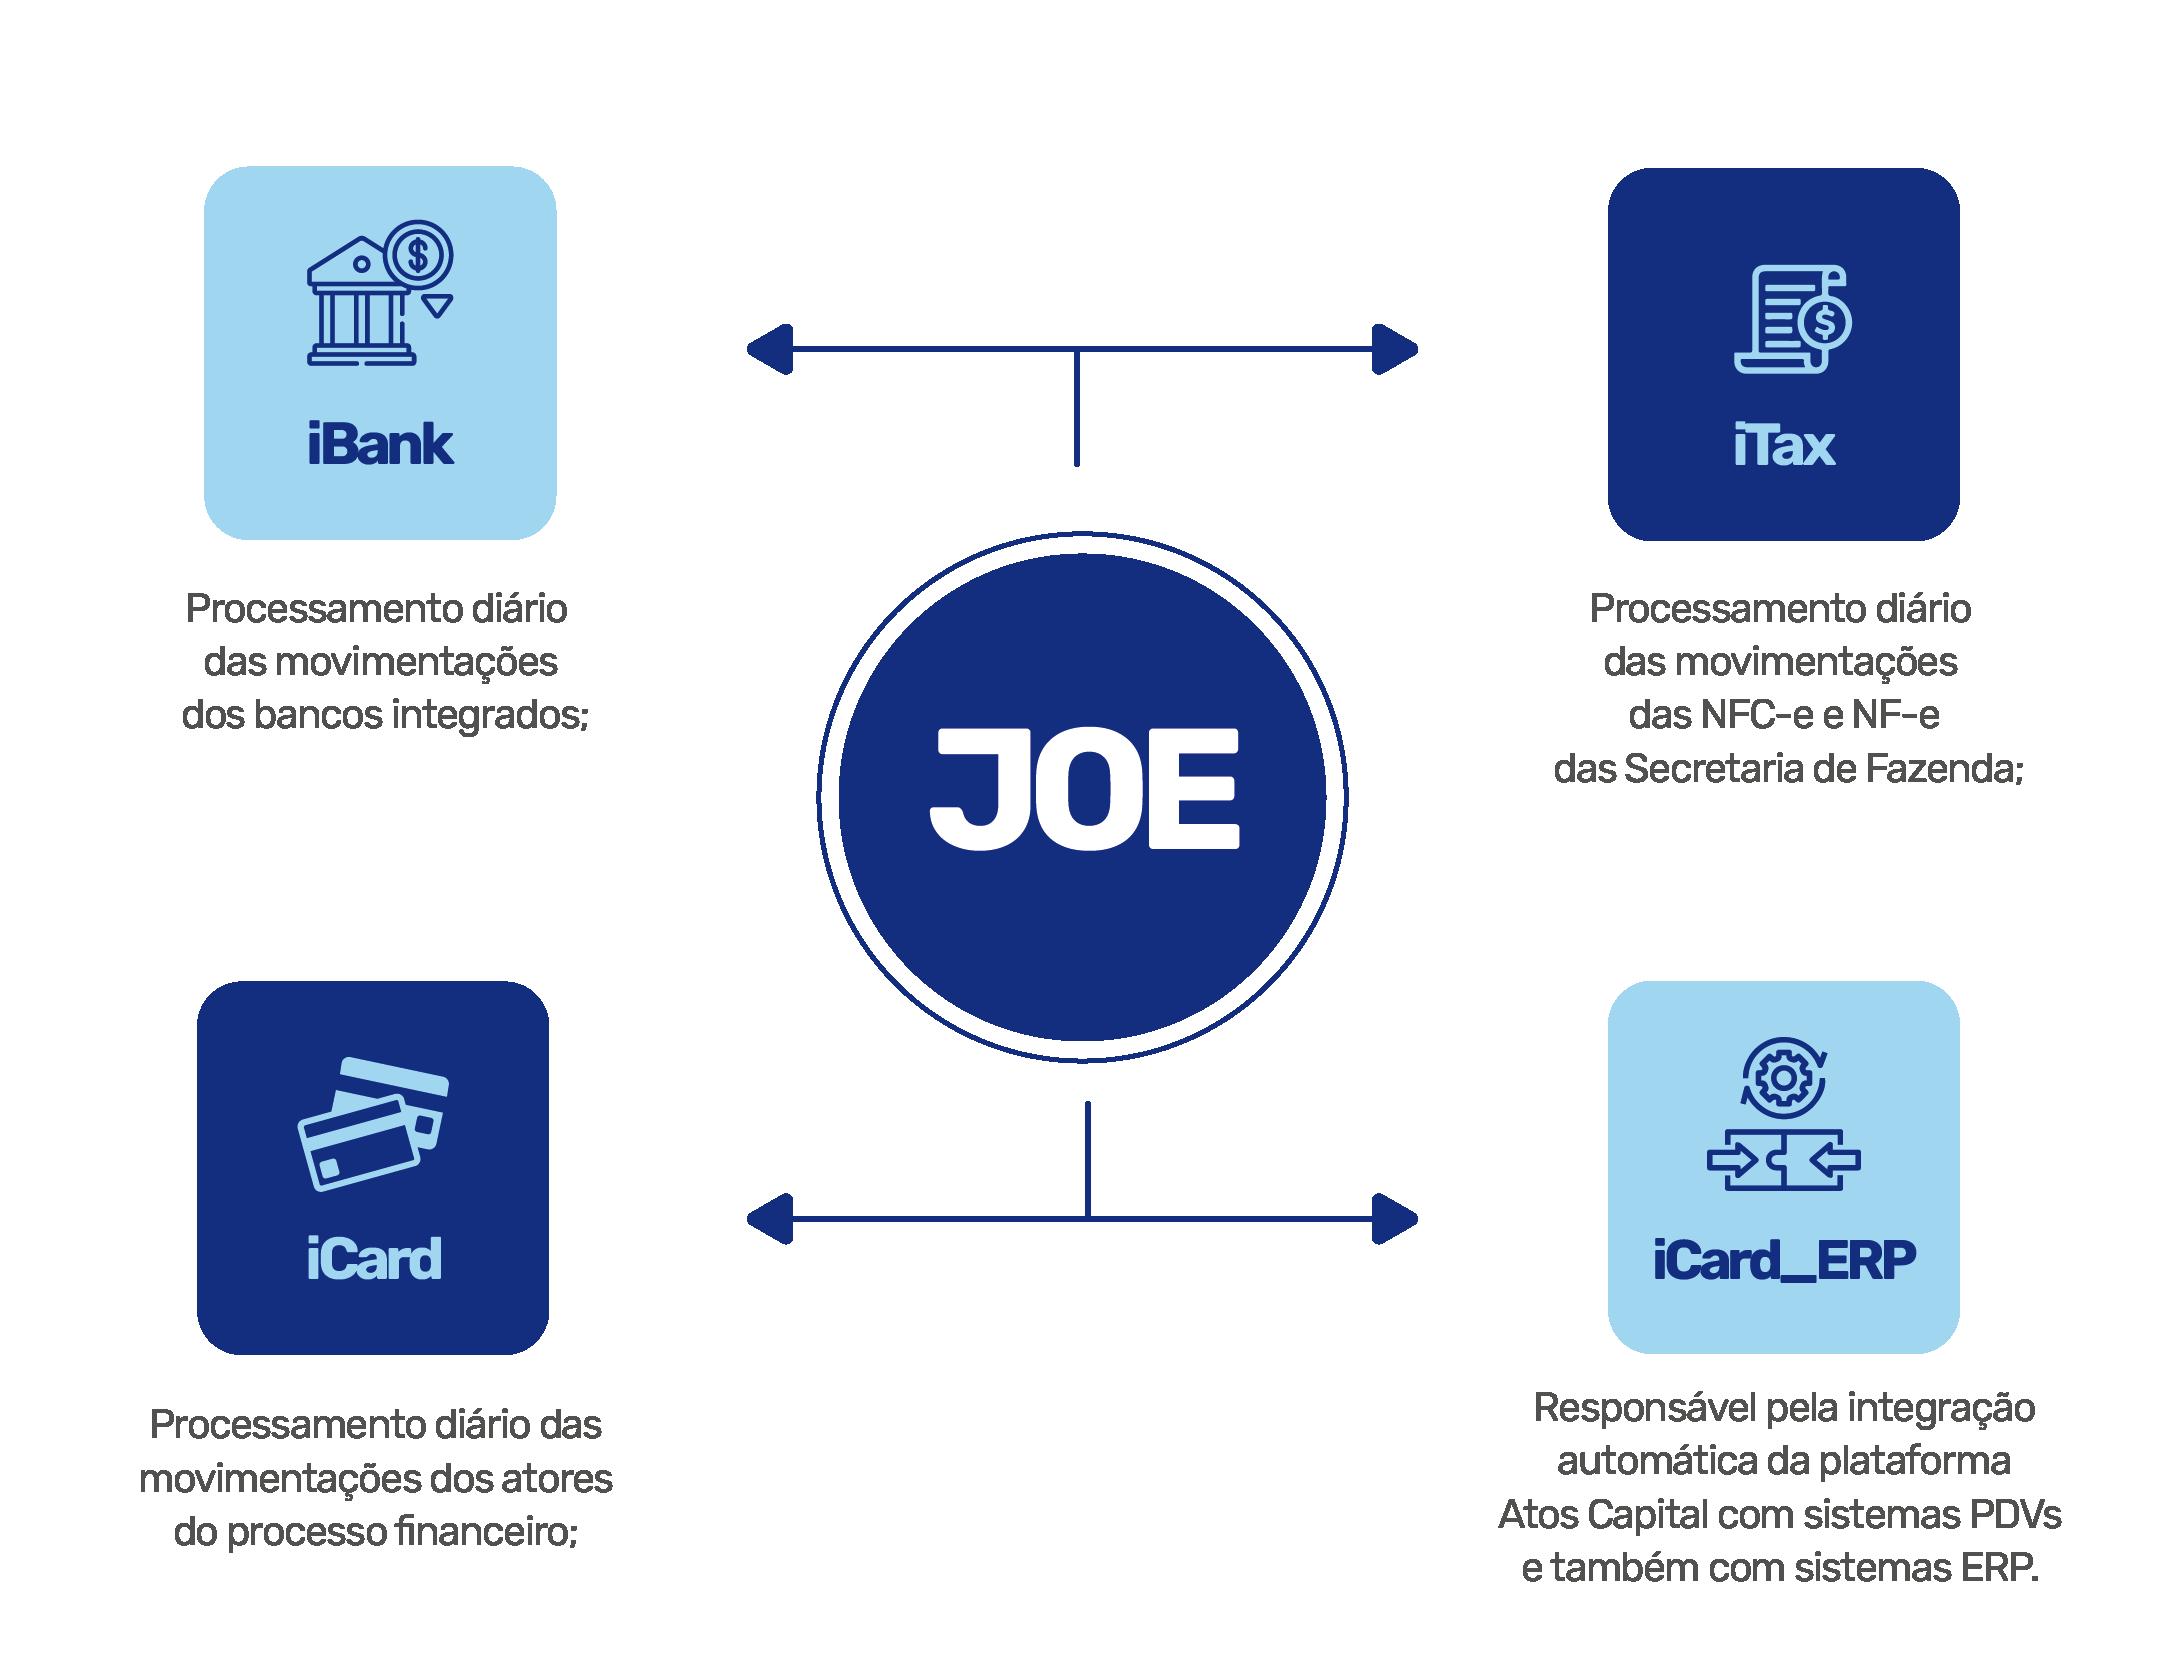 iBank = Processamento diário das movimentações dos bancos integrados;  iCard = processamento diário das movimentações dos atores do processo financeiro;  iTax = processamento diário das movimentações das NFC-e e NF-e das Secretaria de Fazenda;  iCard_ERP = responsável pela integração automática da plataforma Atos Capital com sistemas PDVs e também com sistemas ERP.